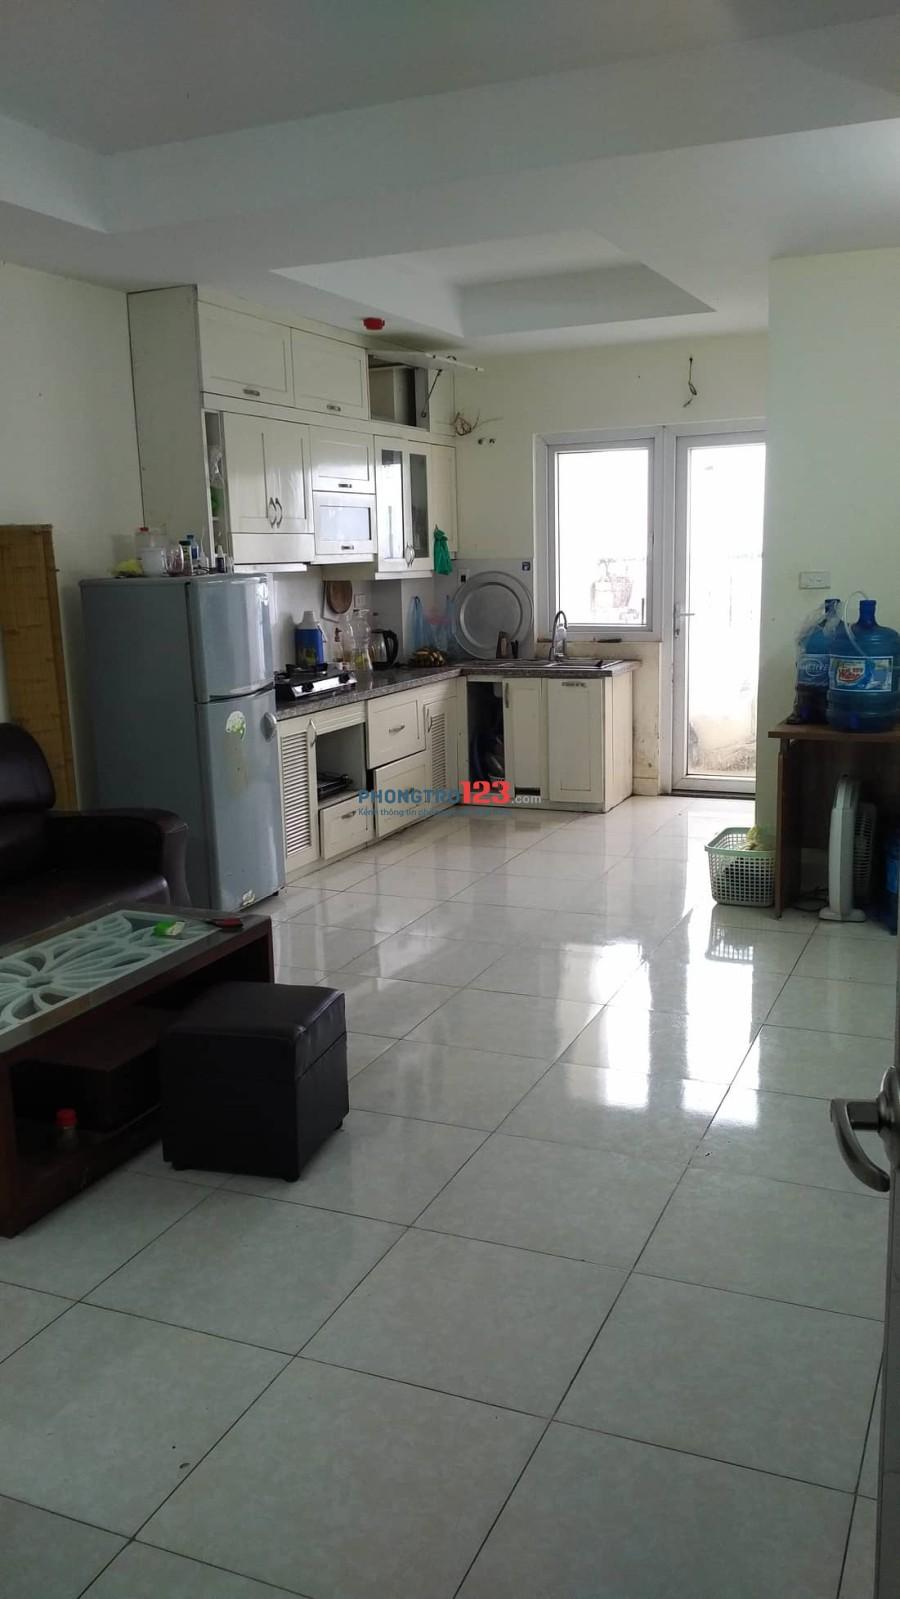 Tìm thêm 2 bạn nam ở ghép căn chung cư 65 m2 ở KĐT Pháp Vân, ngay sau bến xe Nước Ngầm